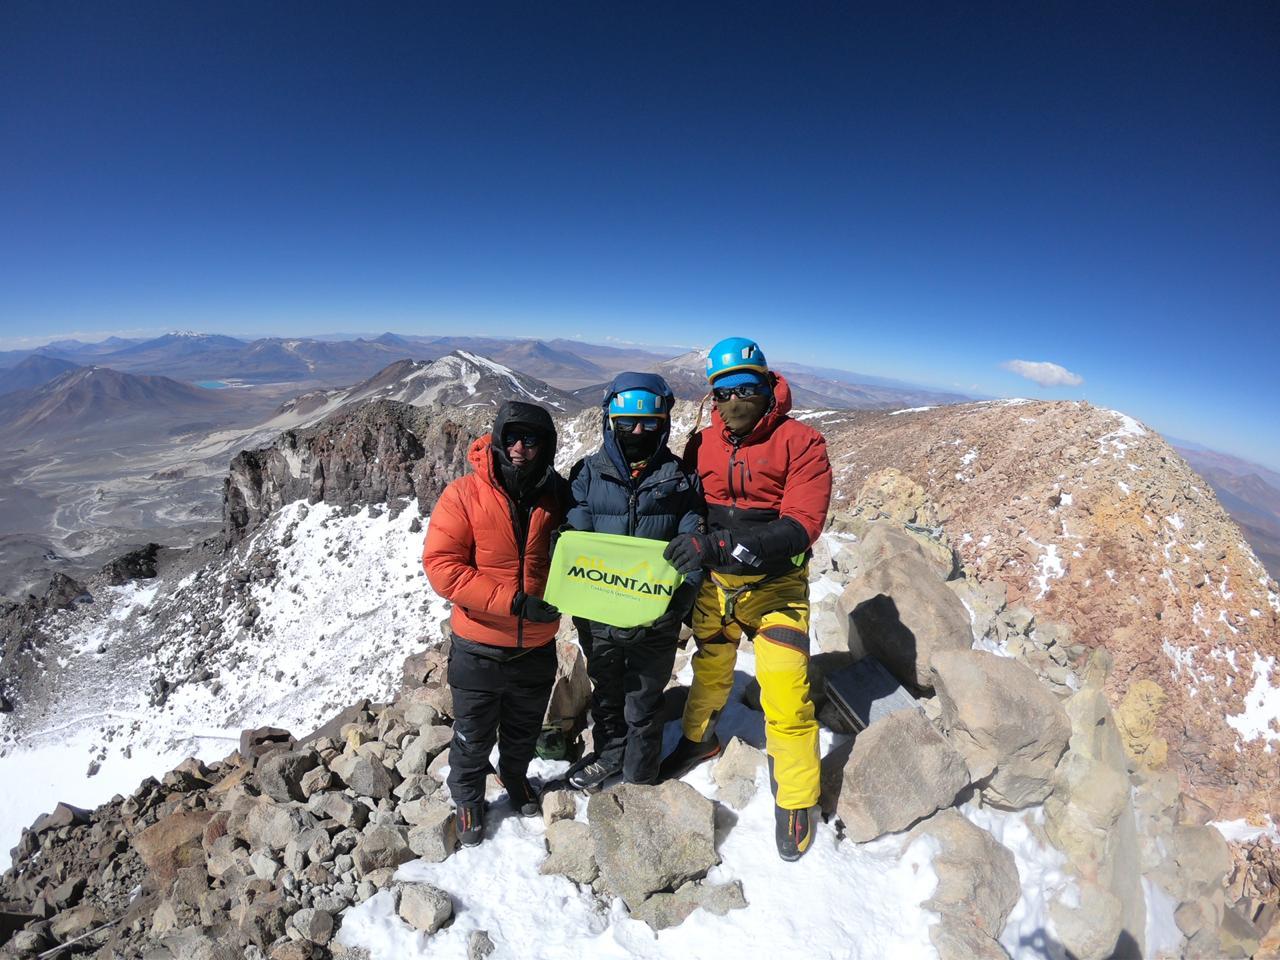 Francisco-Vega-Cumbre-Vn-Ojos-del-Salado-Fecha-12-21-Marzo-2020